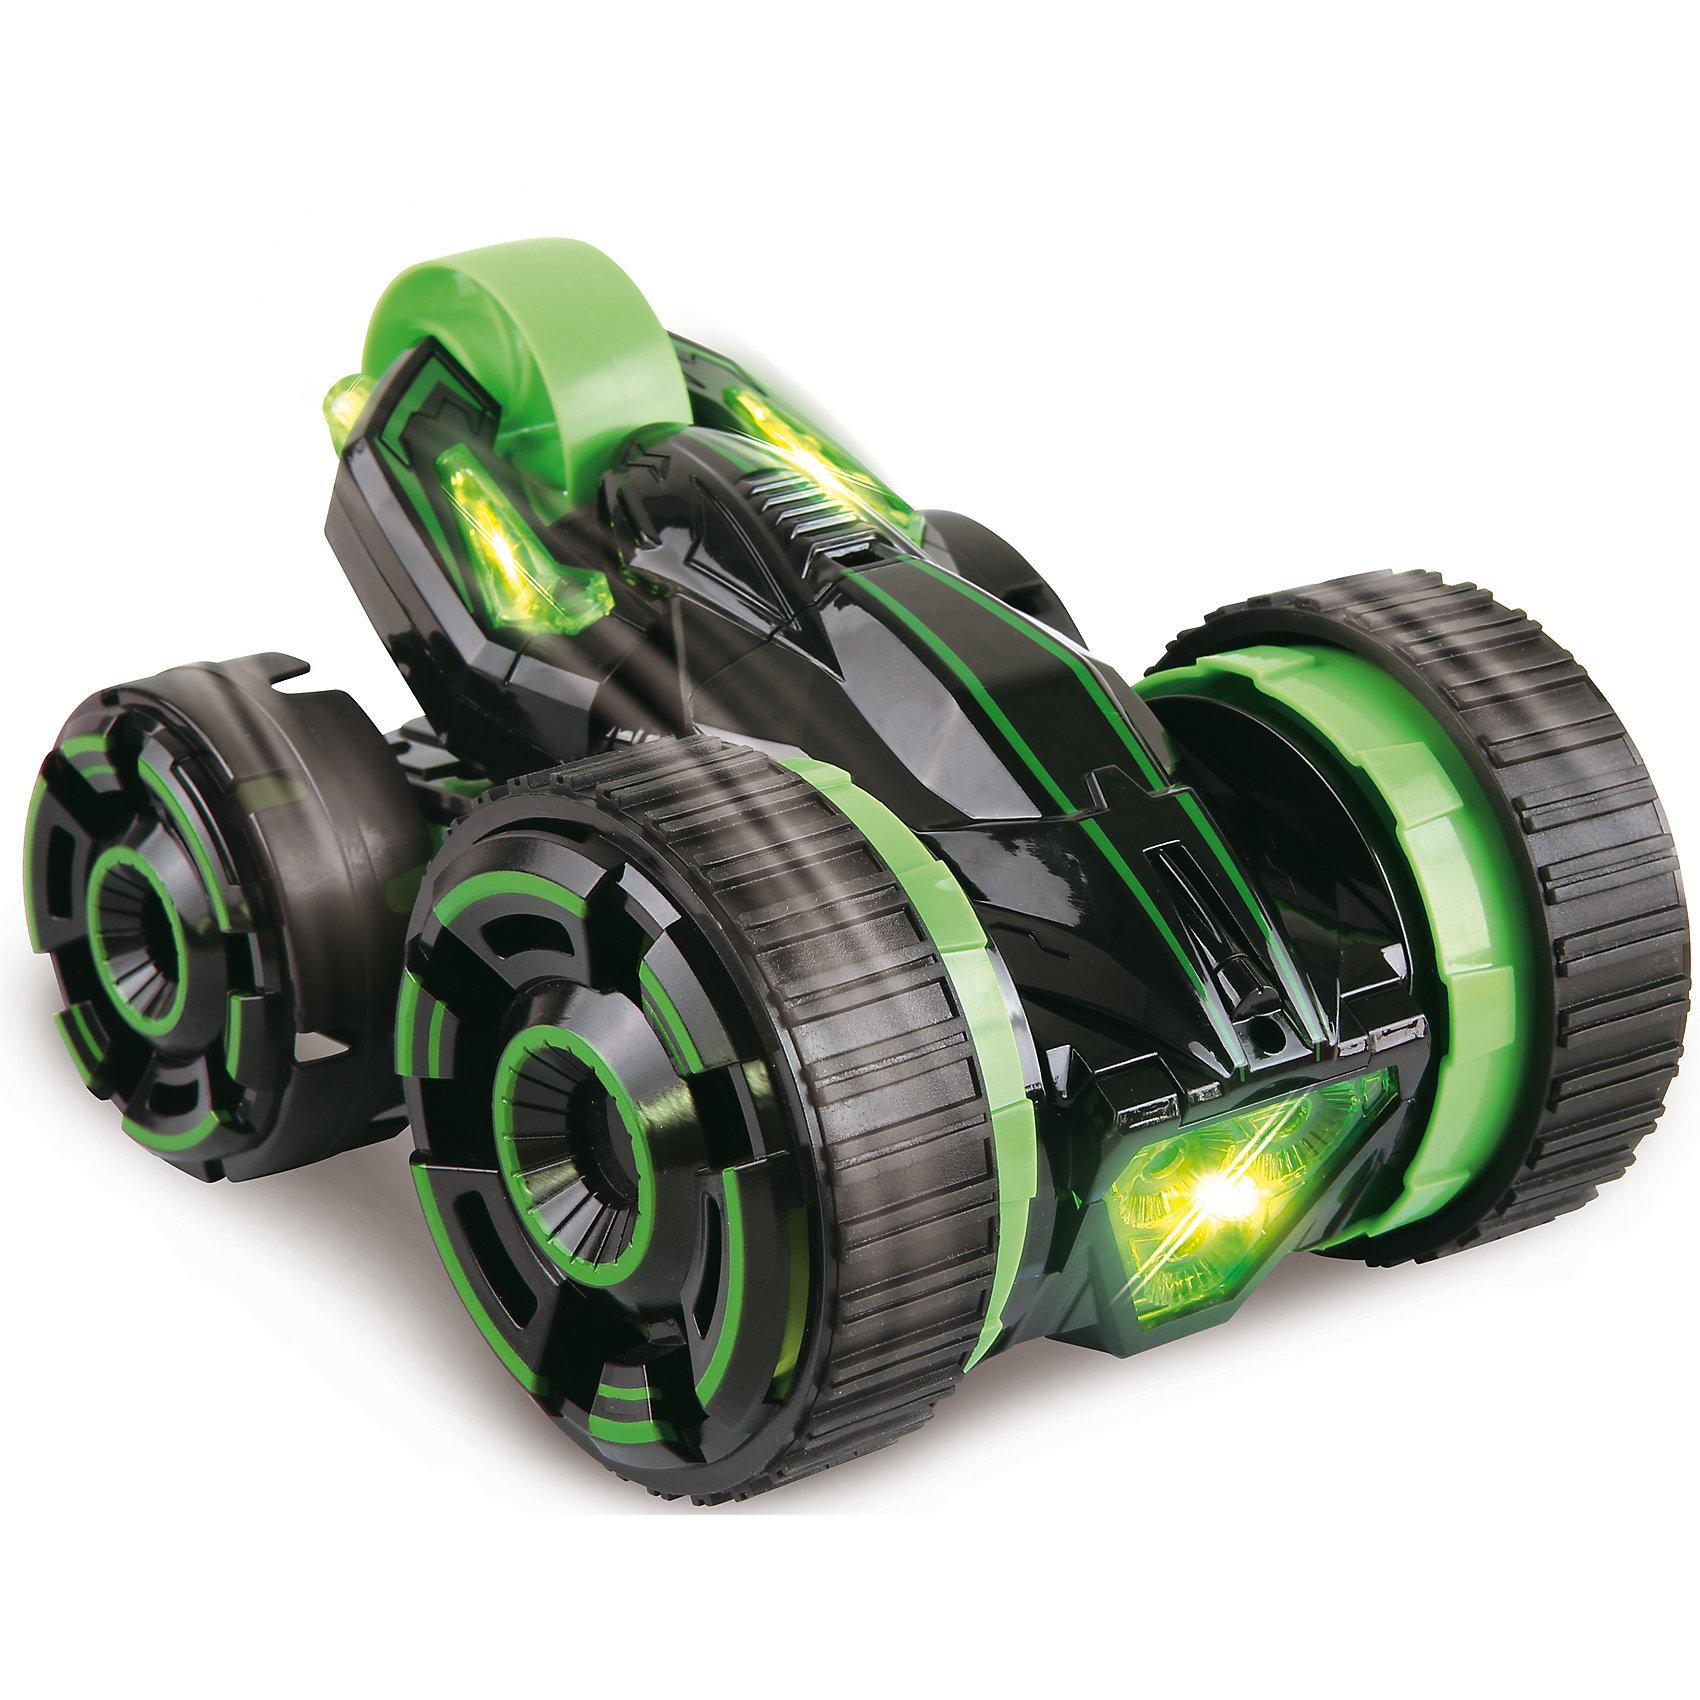 Радиоуправляемая машинка трюковая, 5 колес, MKBРадиоуправляемый транспорт<br><br><br>Ширина мм: 660<br>Глубина мм: 480<br>Высота мм: 670<br>Вес г: 1200<br>Возраст от месяцев: 36<br>Возраст до месяцев: 168<br>Пол: Унисекс<br>Возраст: Детский<br>SKU: 6883991